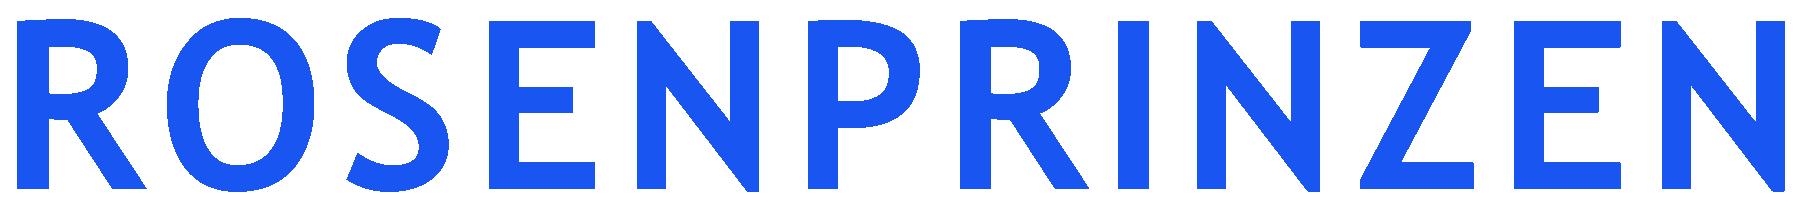 Rosenprinzen-Schriftzug.png